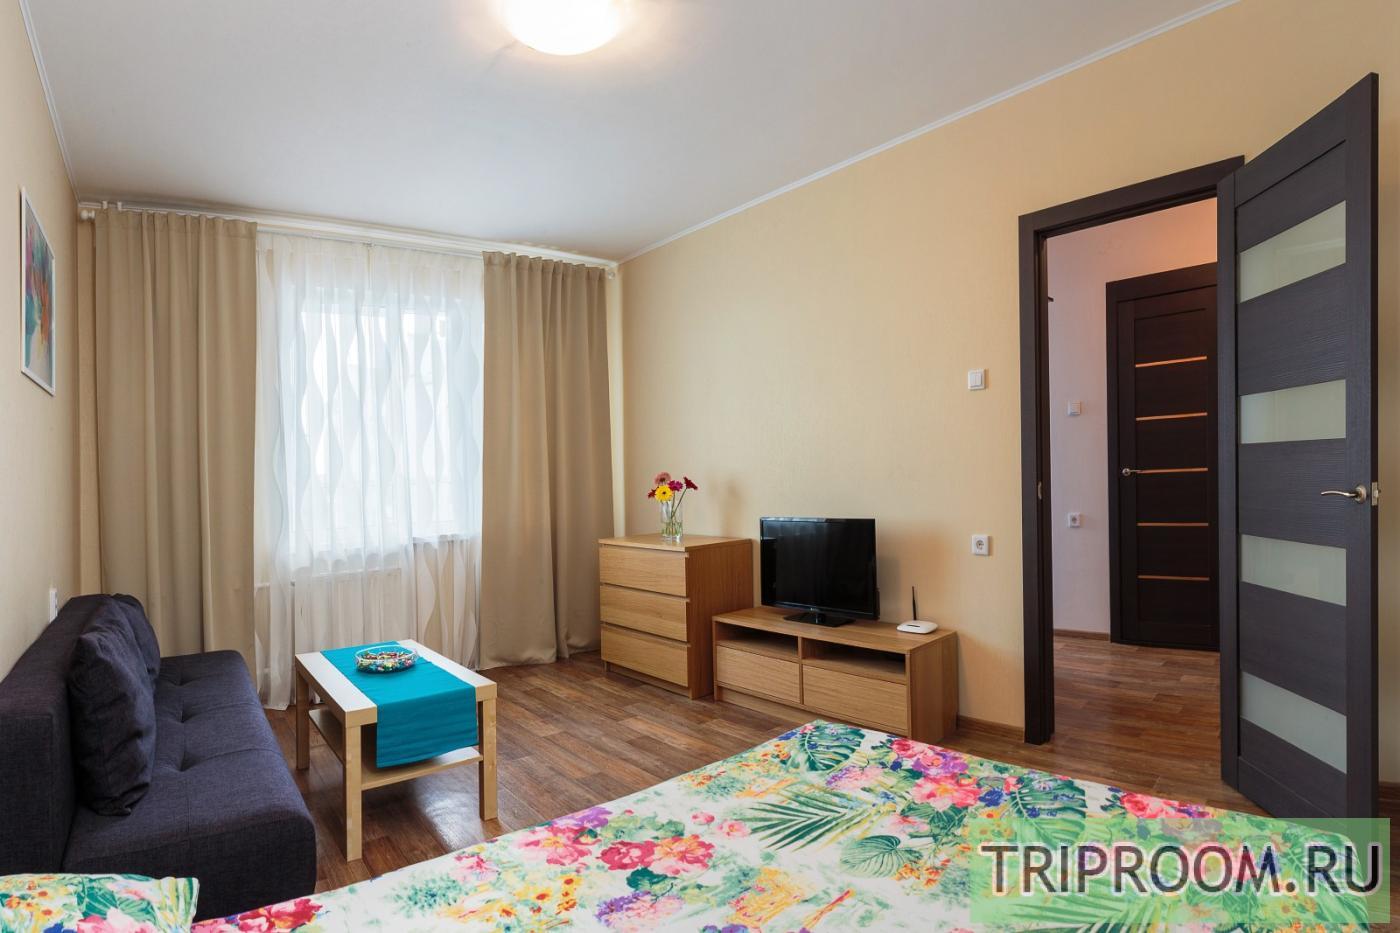 1-комнатная квартира посуточно (вариант № 16235), ул. Анатолия Мехренцева улица, фото № 2